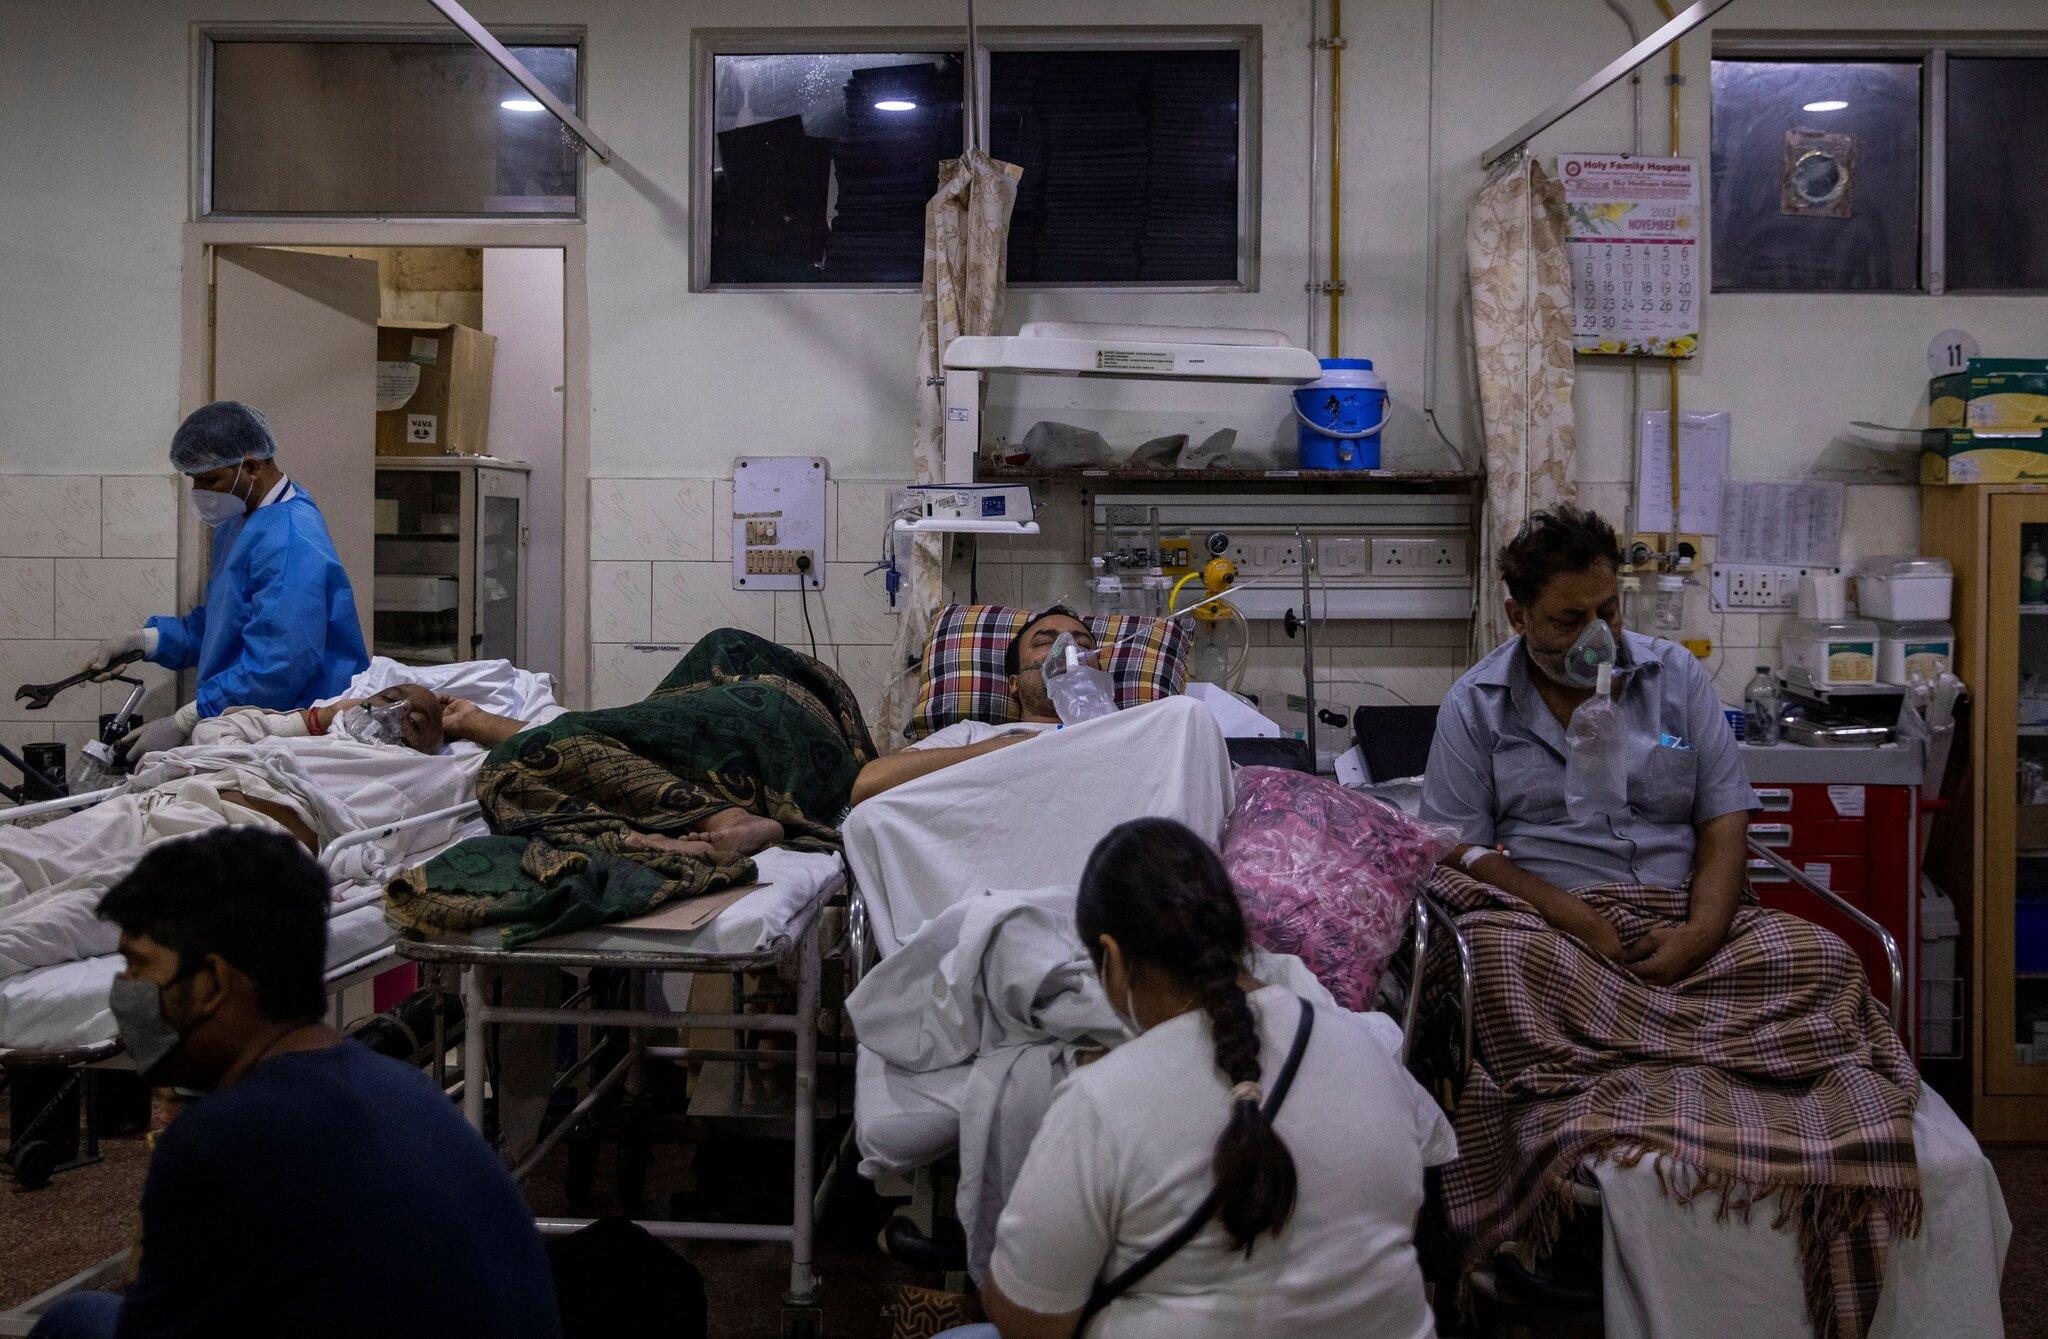 """Chùm ảnh 1 tuần Ấn Độ lầm than vì """"đại hồng thủy"""" Covid-19: Khói lửa mù mịt cay xè mắt, đau thắt ruột gan tiễn biệt người thân chết trong đau đớn - Ảnh 13."""